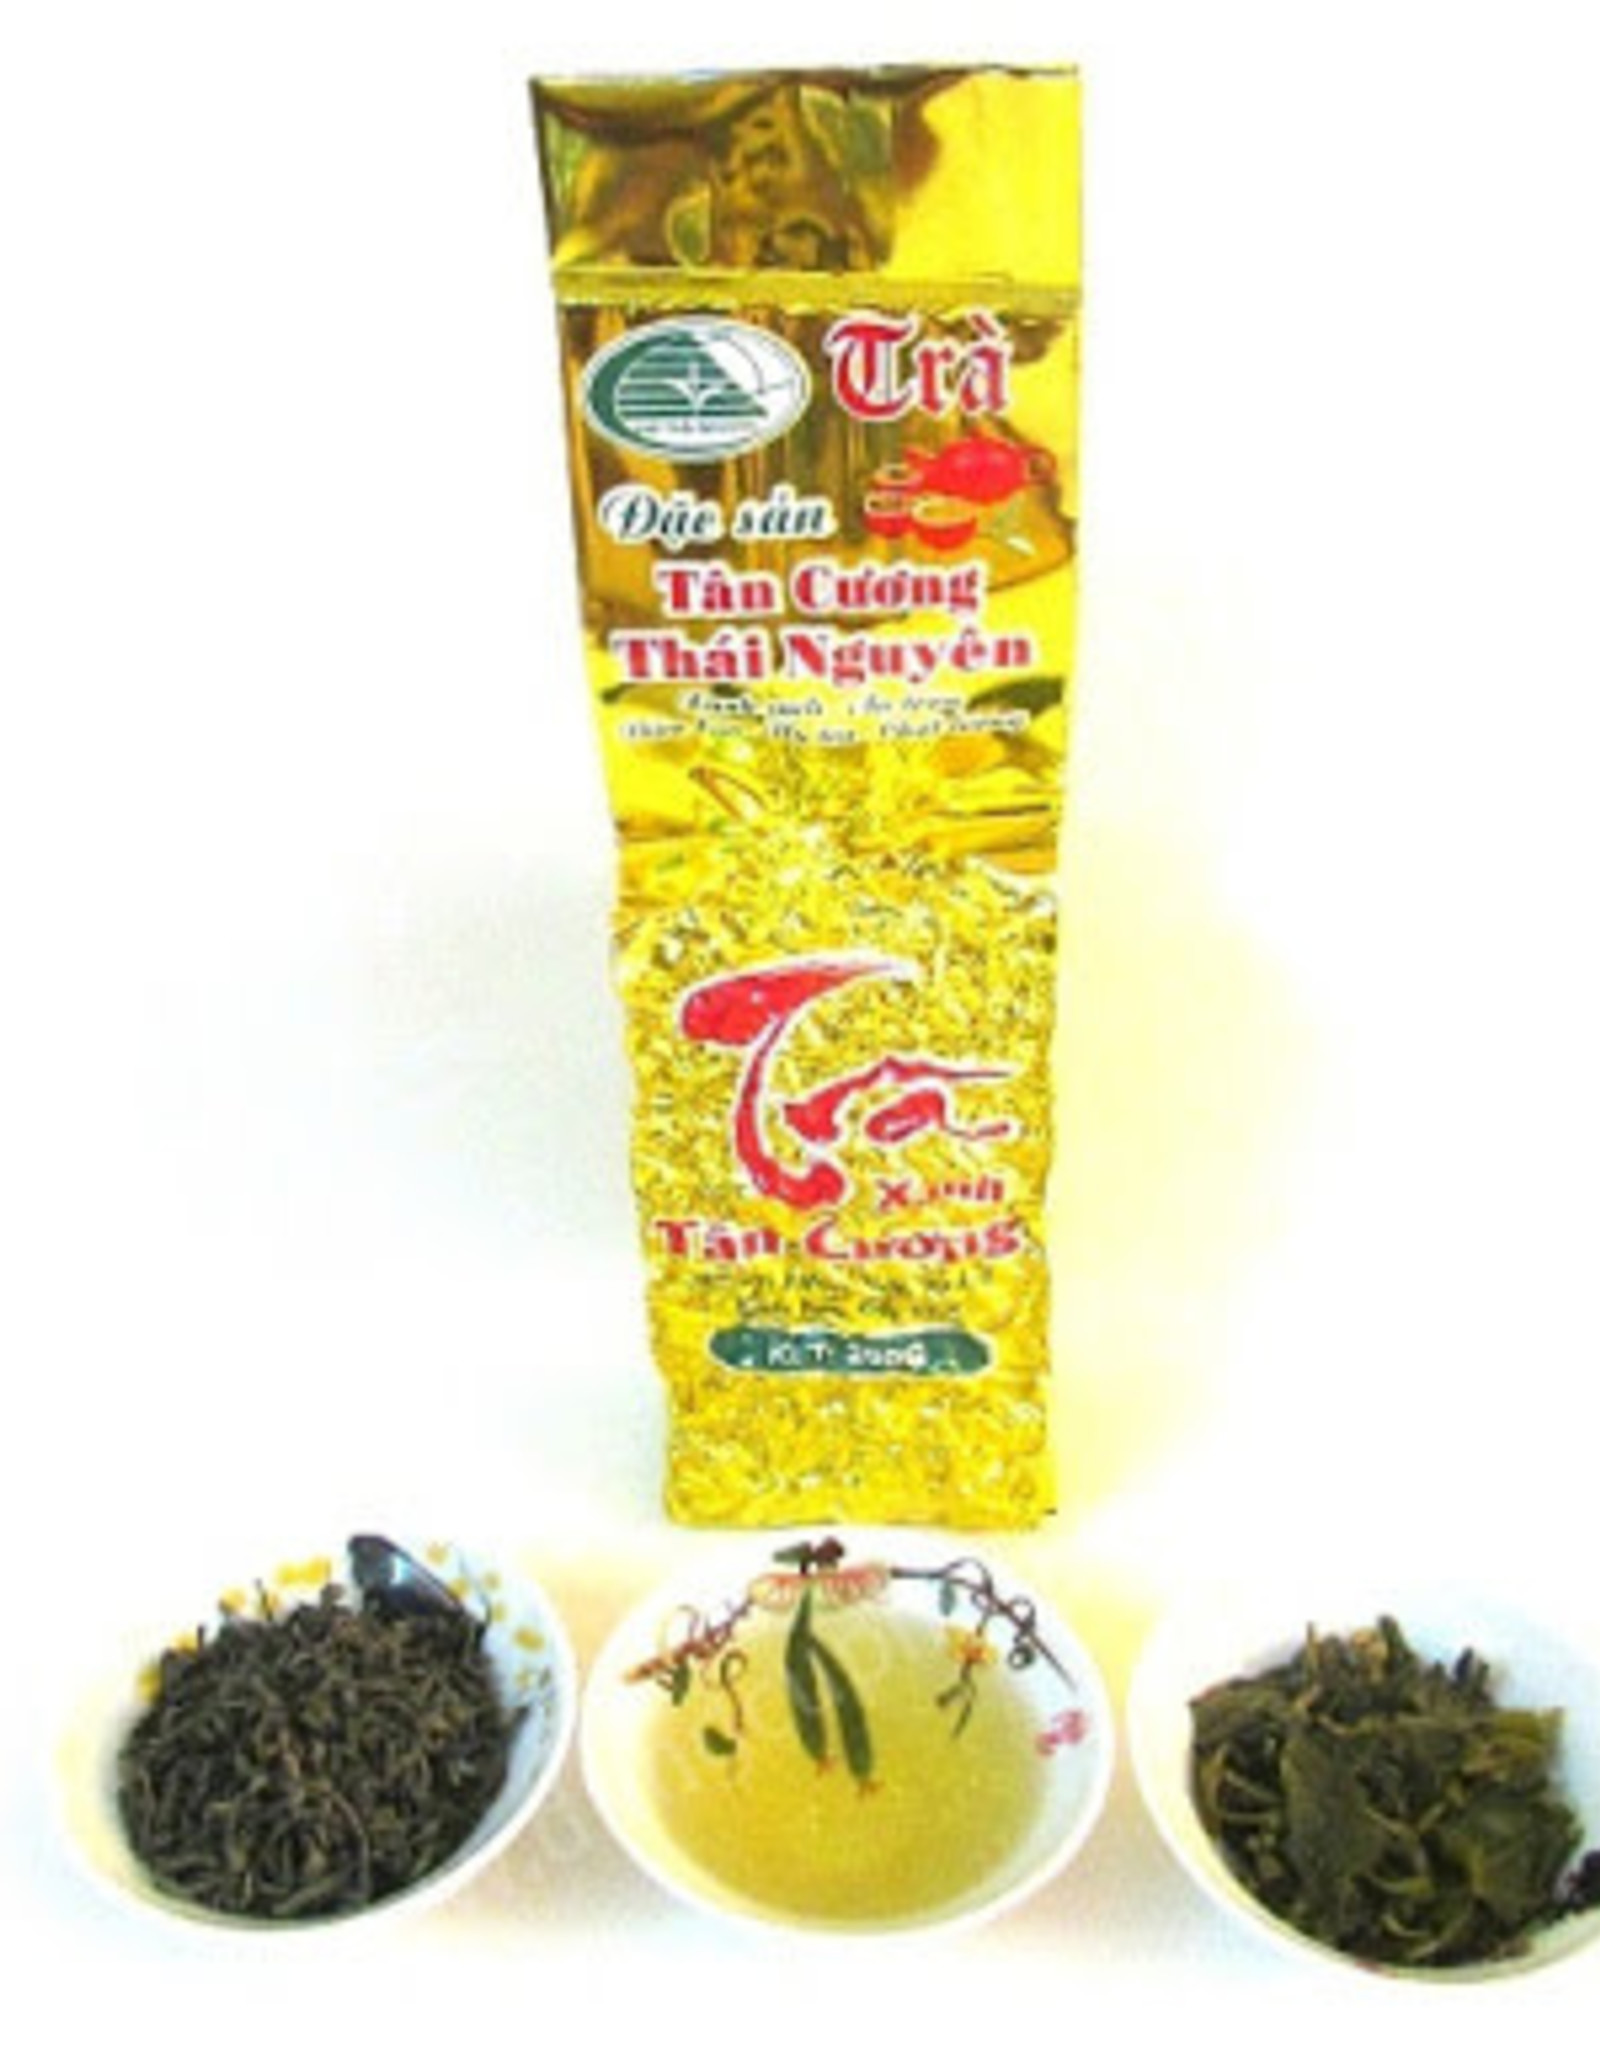 Tân Cương Green Tea Thai Nguyen 200g Tân Cương